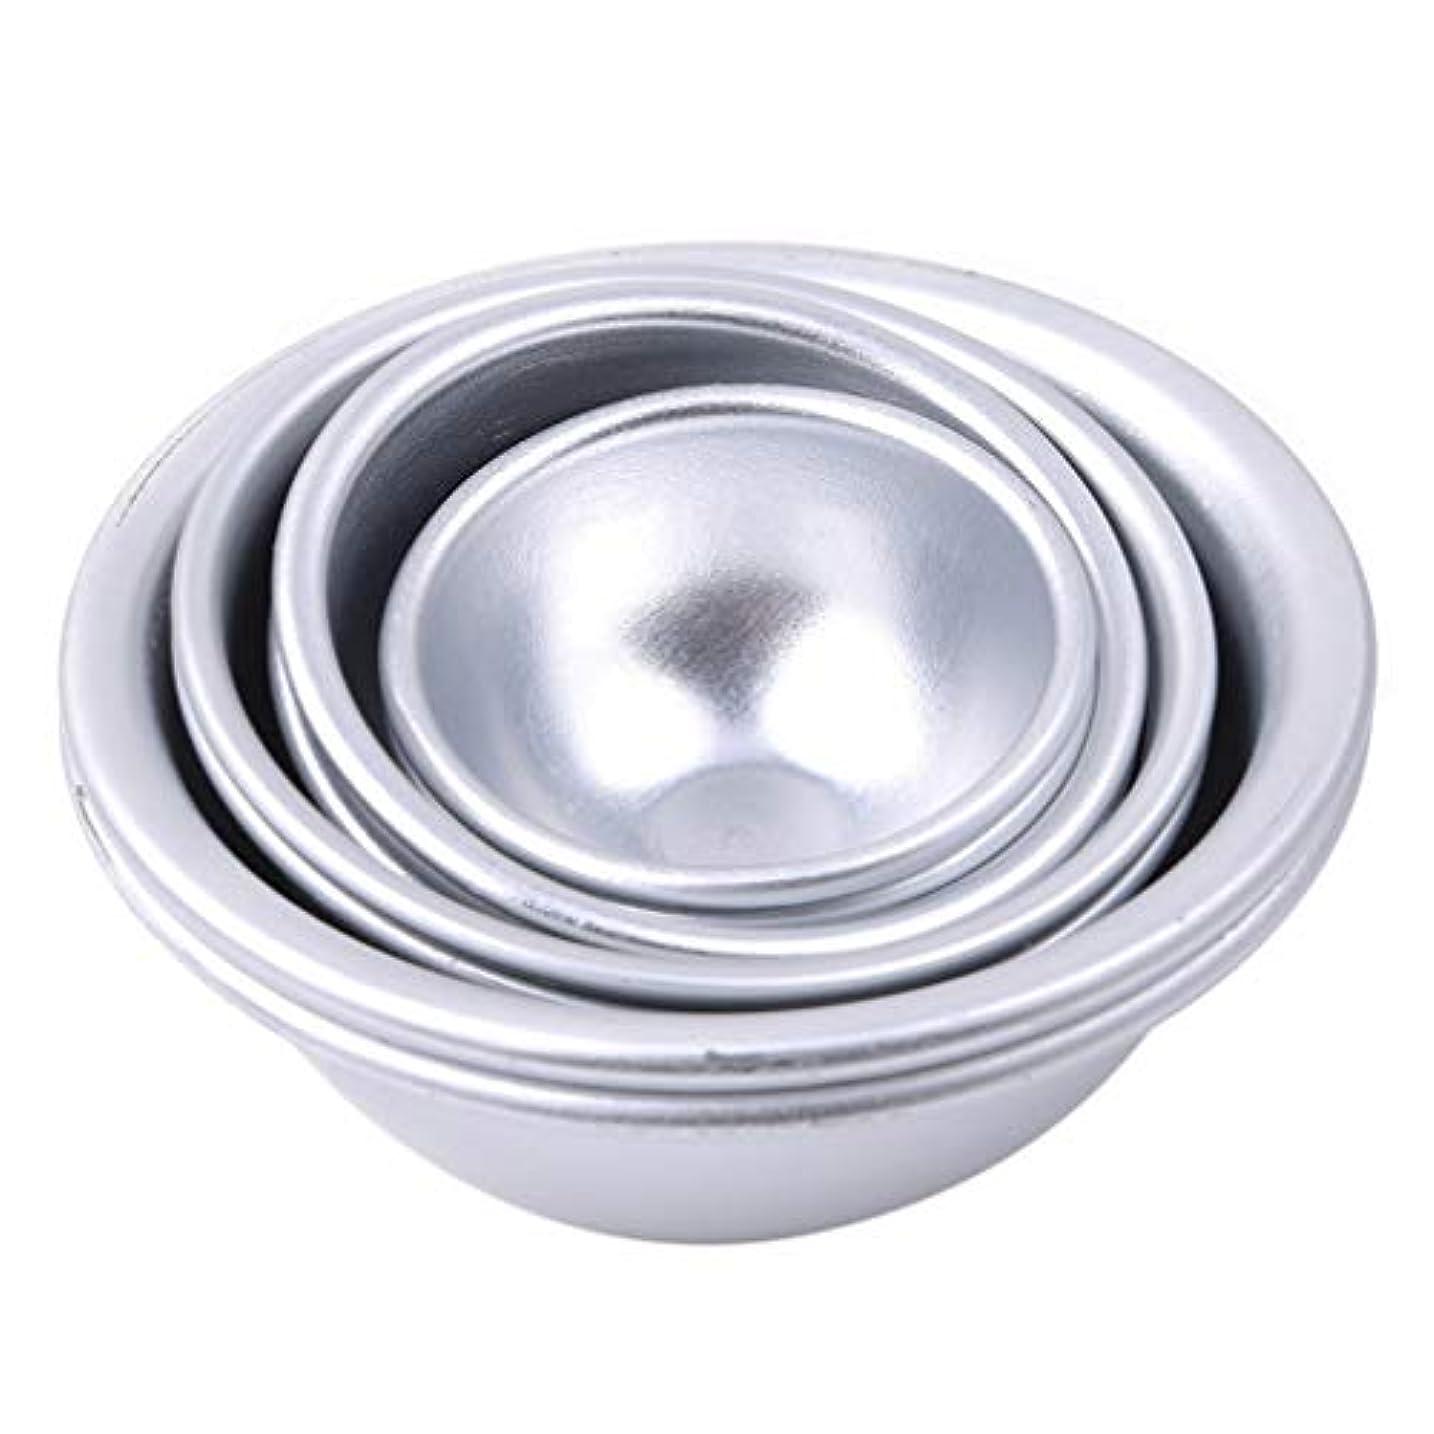 組み立てる経験的底Toporchid Diy風呂ボール型アルミ合金入浴ボール手作り石鹸ケーキパンベーキングモールドペストリー作りツール(style2)